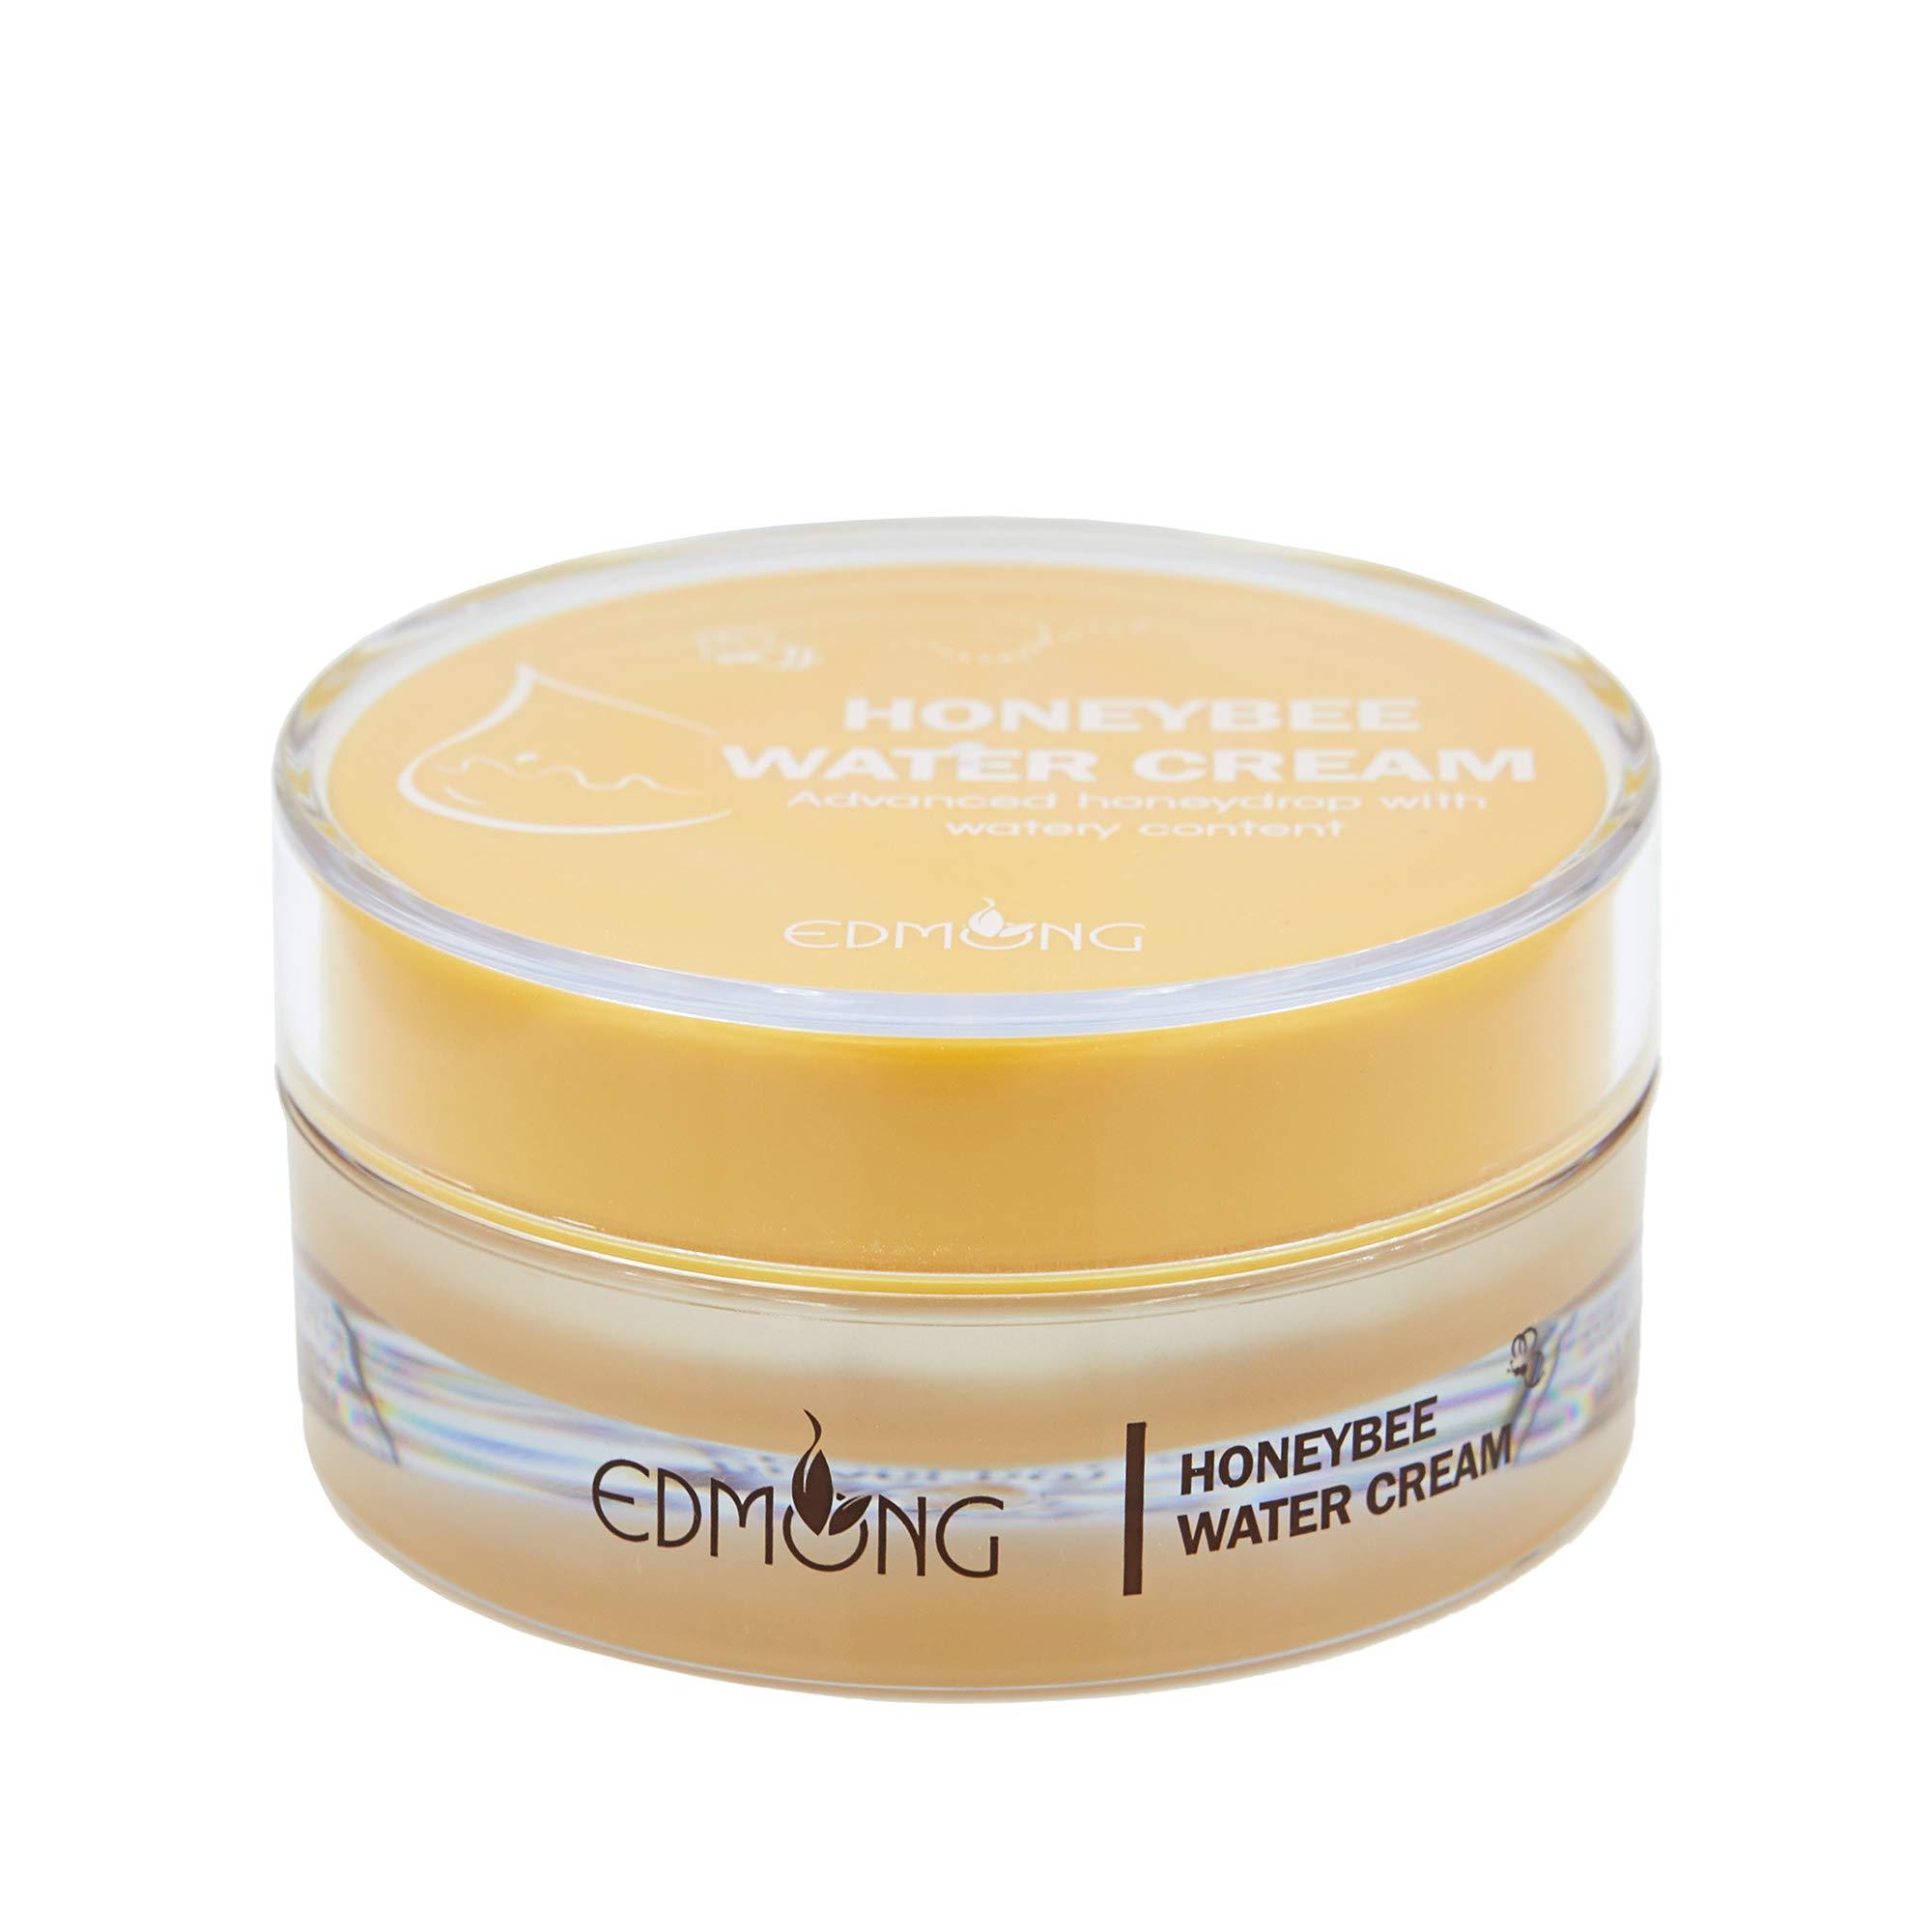 Face Moisturizer Honey Cream- Korean Skin Care Moisturizer Honeybee Natural Facial Moisturizing Cream For Women, Men, Kids, For Both Dry And Oily Skin As Day Cream, Soothing Cream, Sleep Cream, Night Cream By Edmong